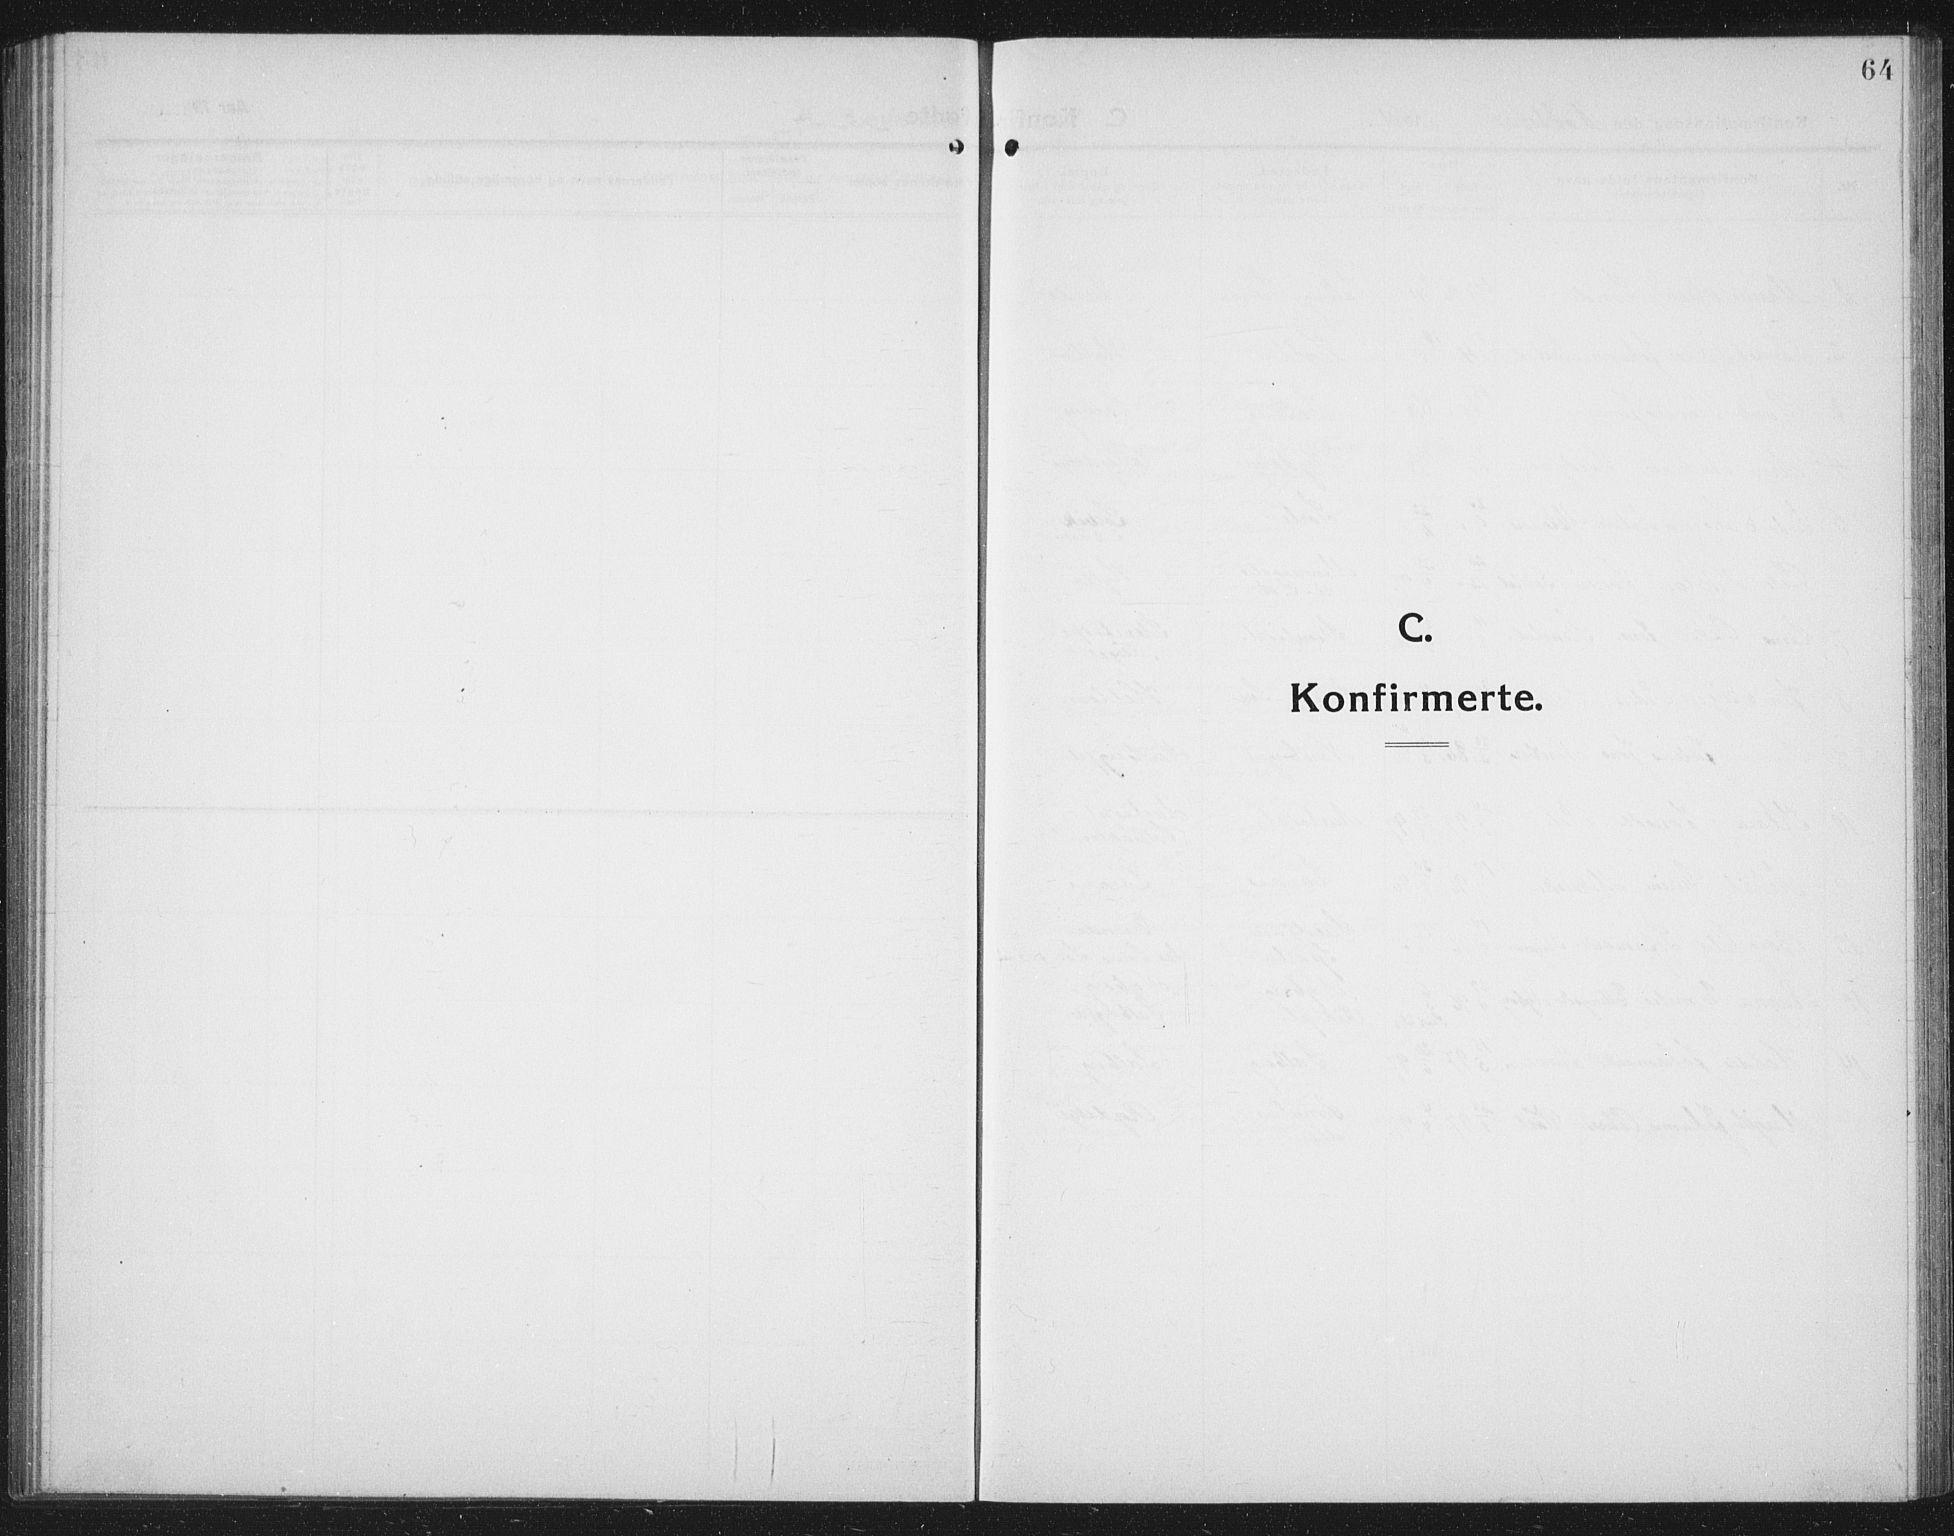 SAT, Ministerialprotokoller, klokkerbøker og fødselsregistre - Nord-Trøndelag, 731/L0312: Parish register (copy) no. 731C03, 1911-1935, p. 64